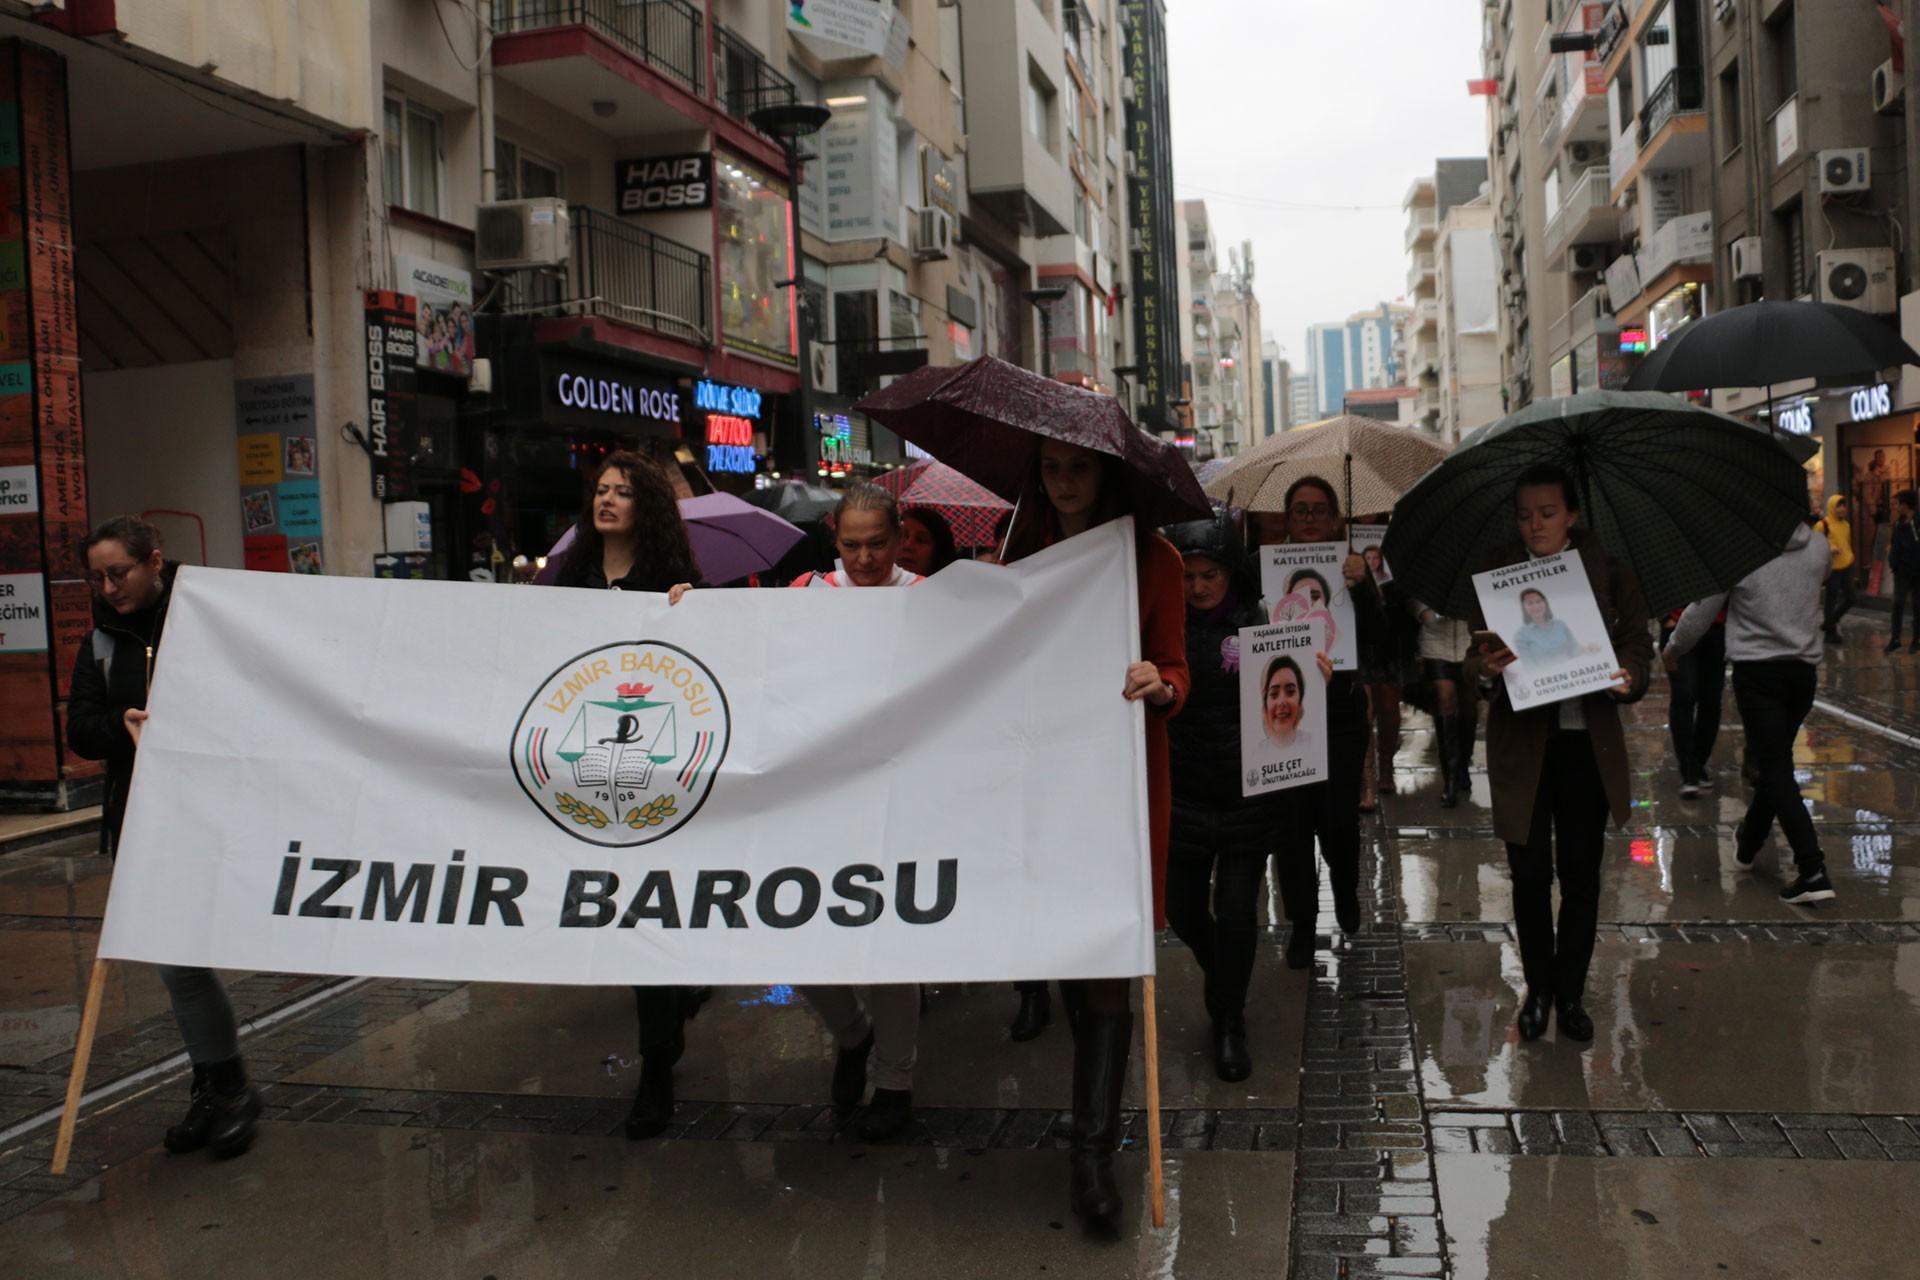 İzmir Barosuna bağlı kadın avukatlar, 25 Kasım dolayısıyla basın açıklaması yaptı.